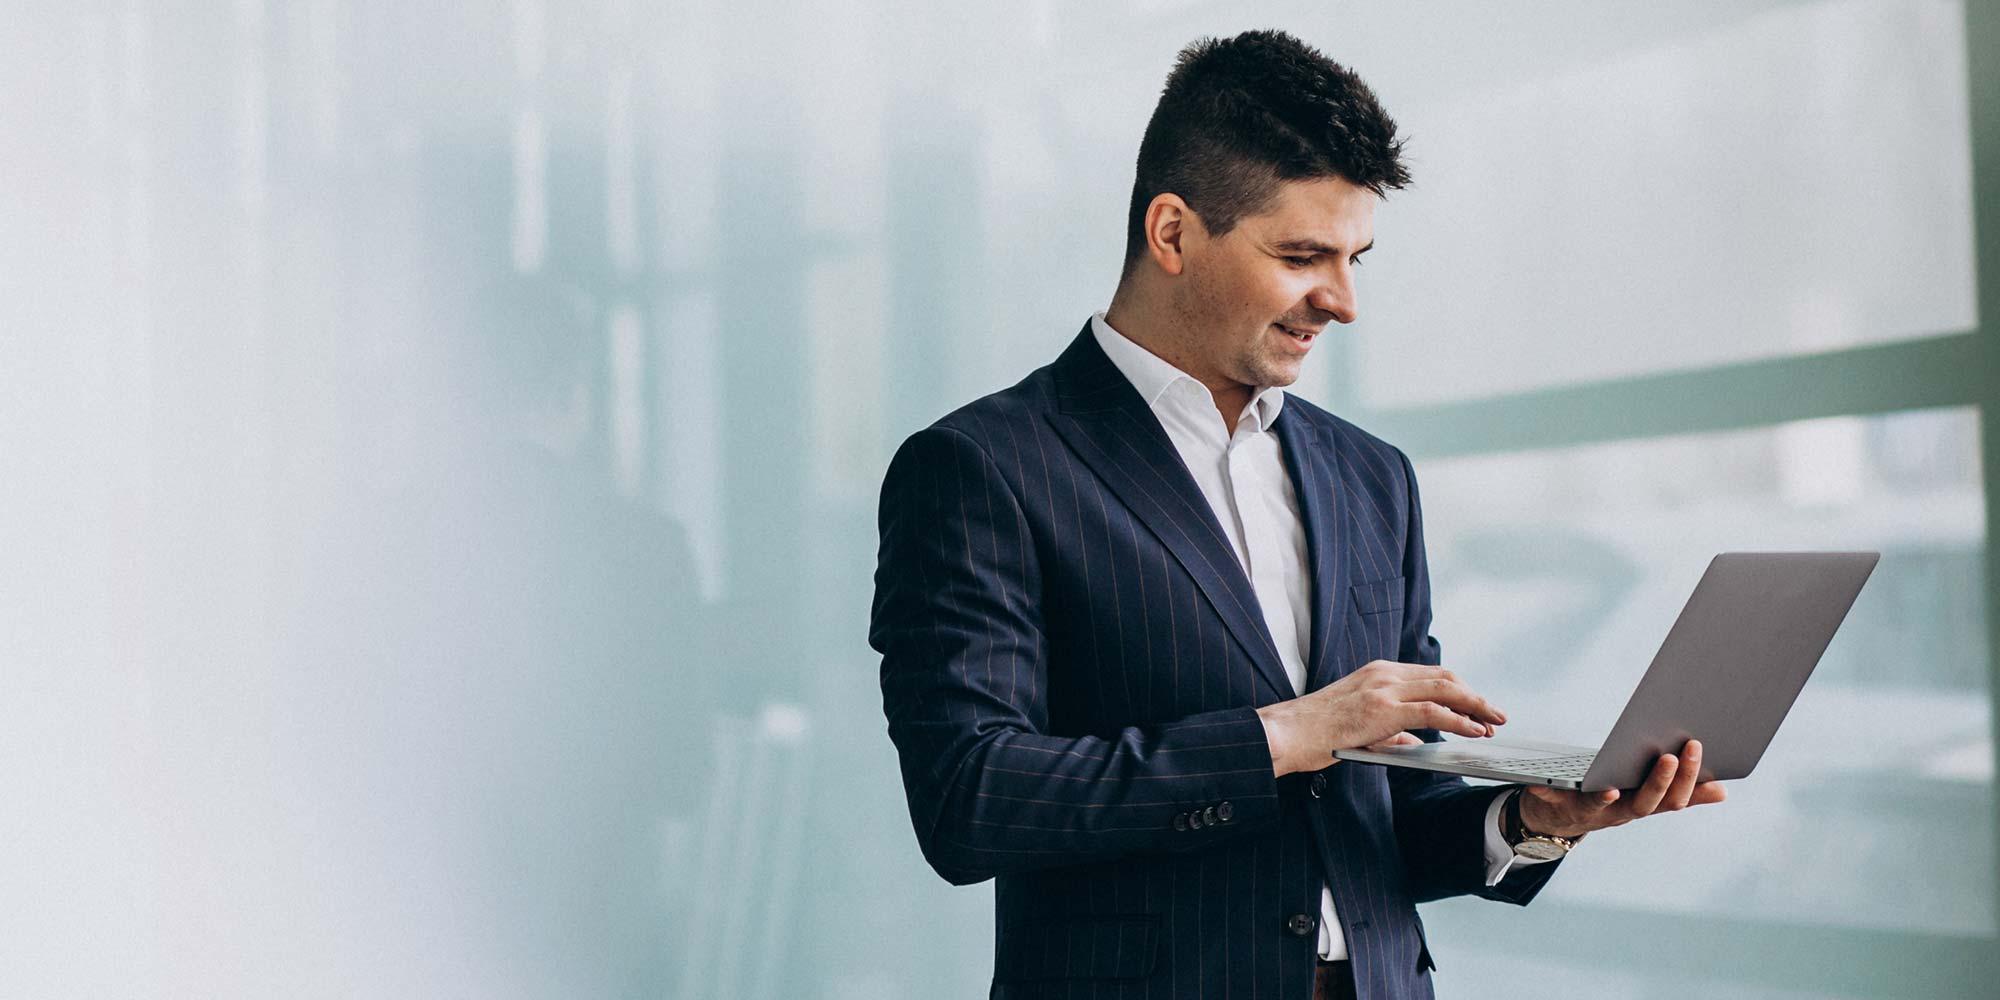 Arquivamento jurídico: saiba como um software na nuvem facilita a rotina do advogado